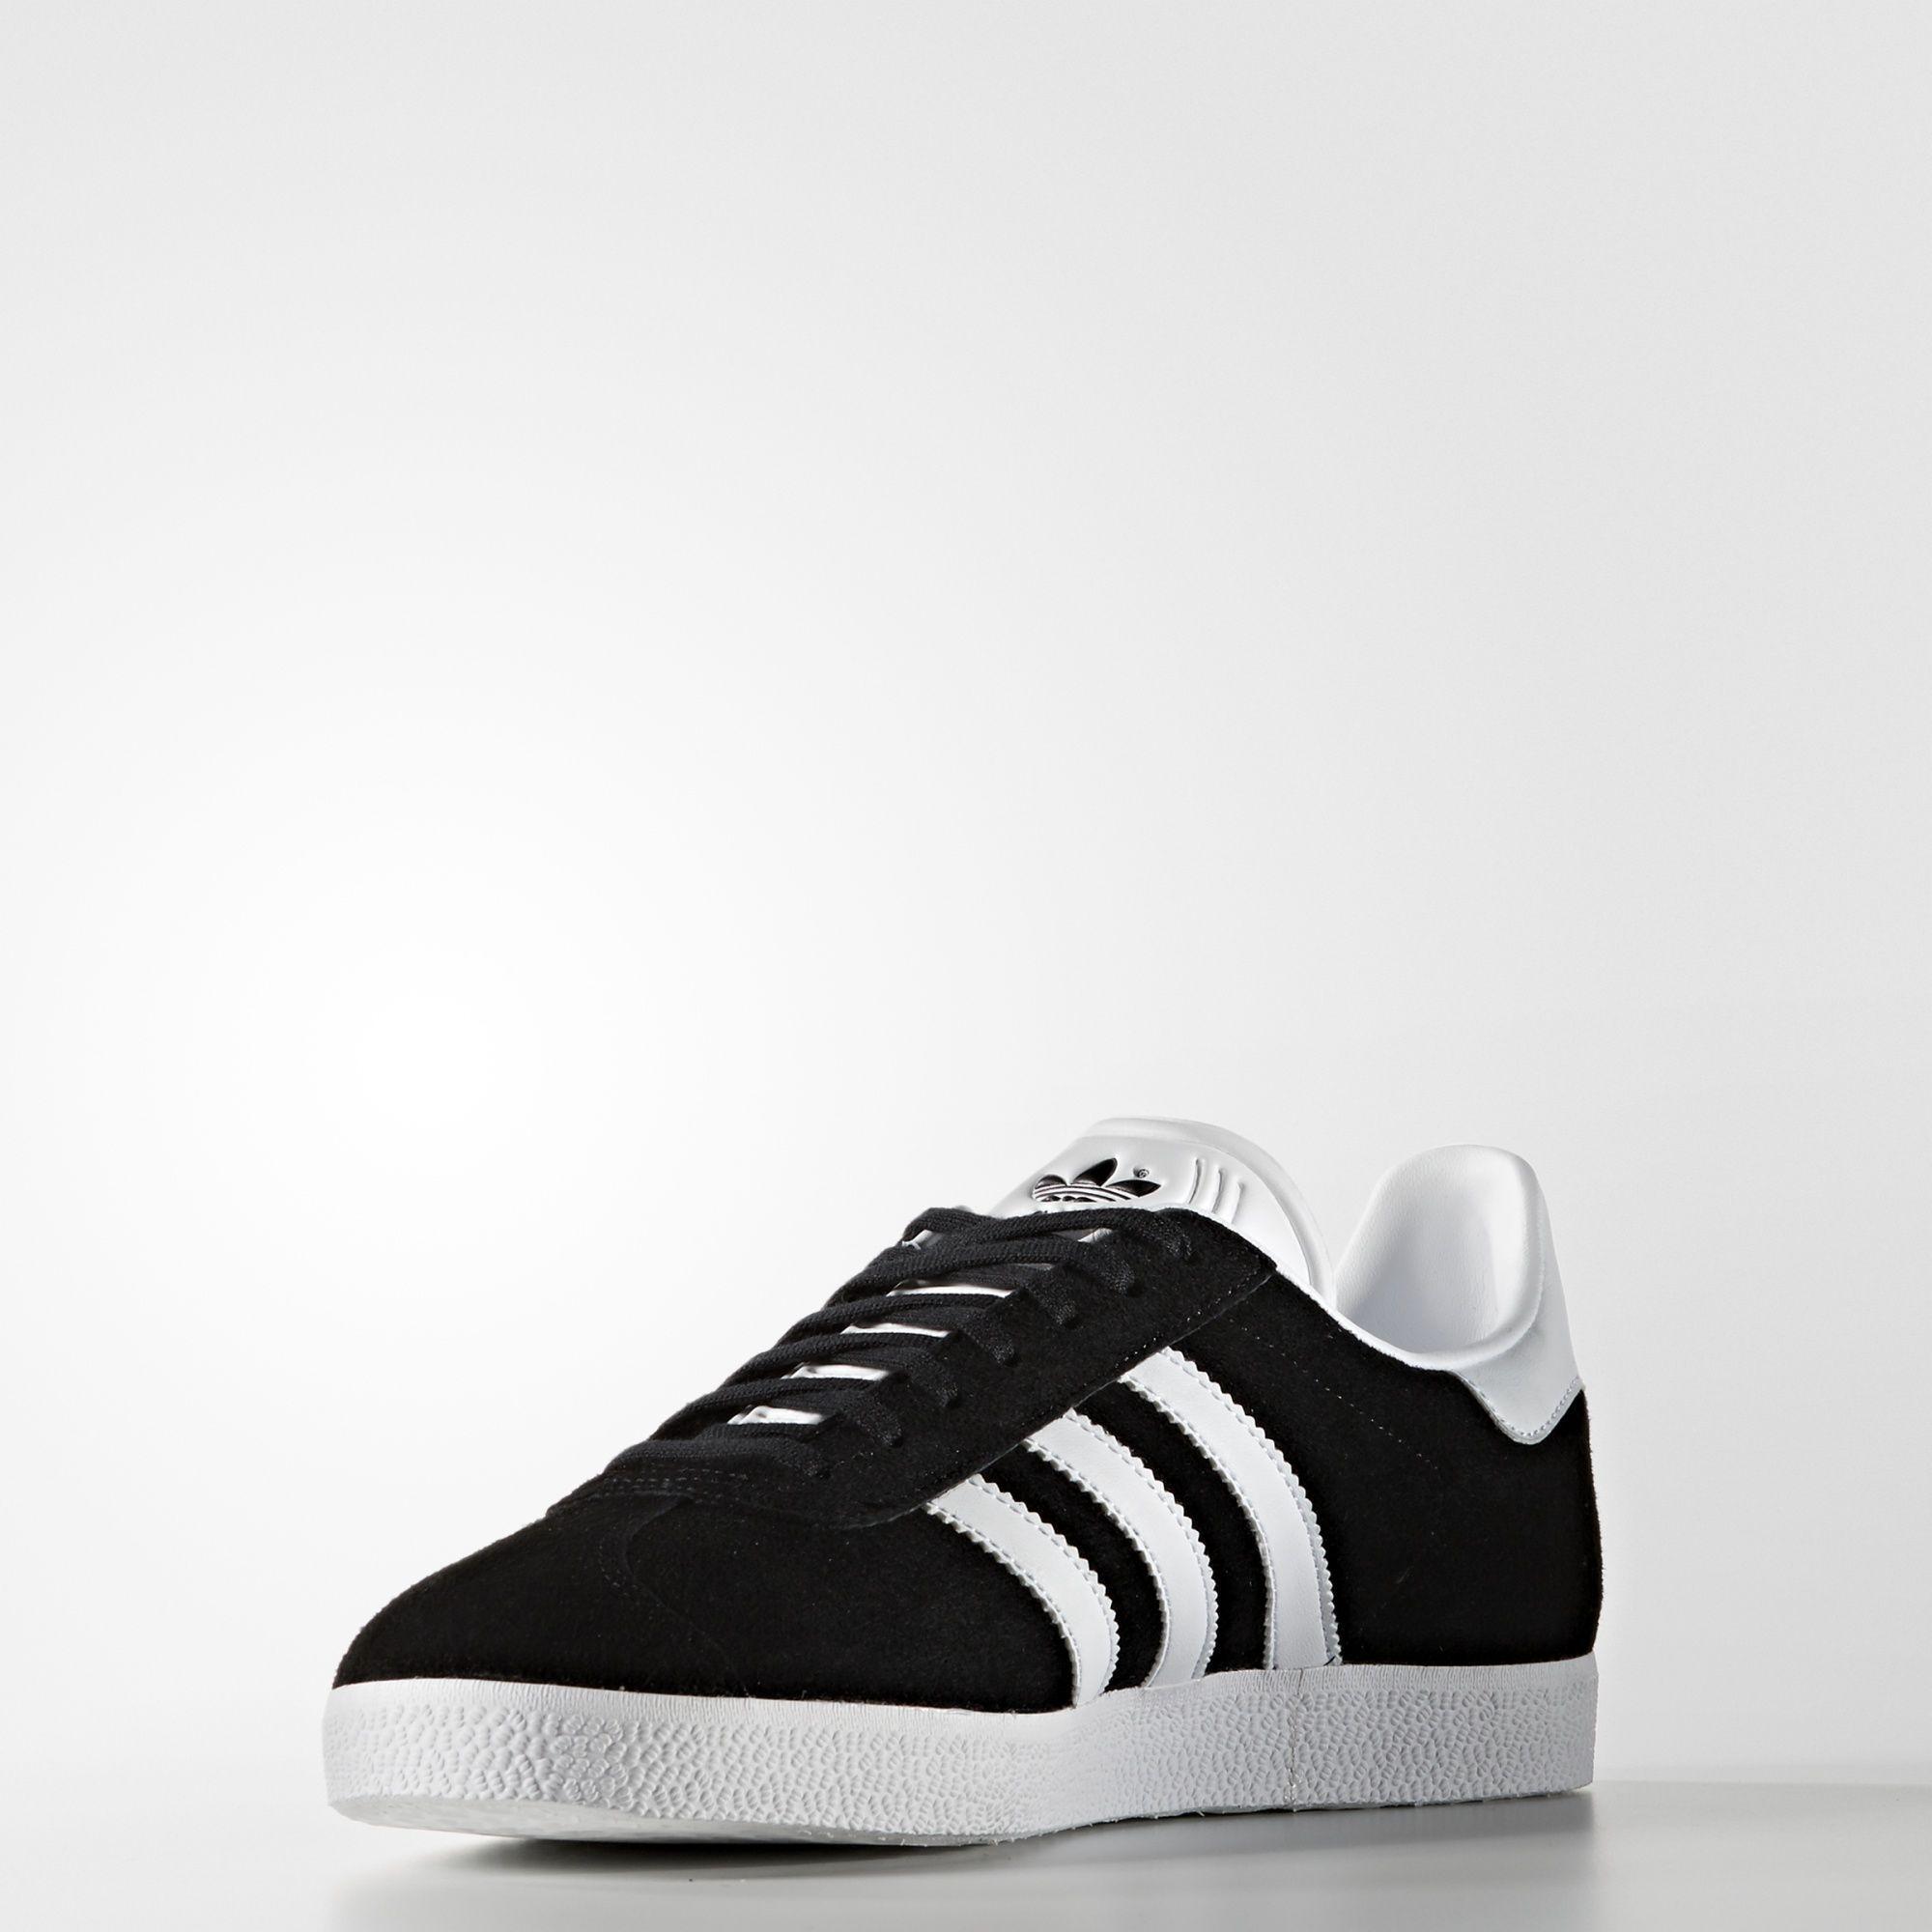 848646d6cbee Gazelle Shoes Black 5.5 Mens